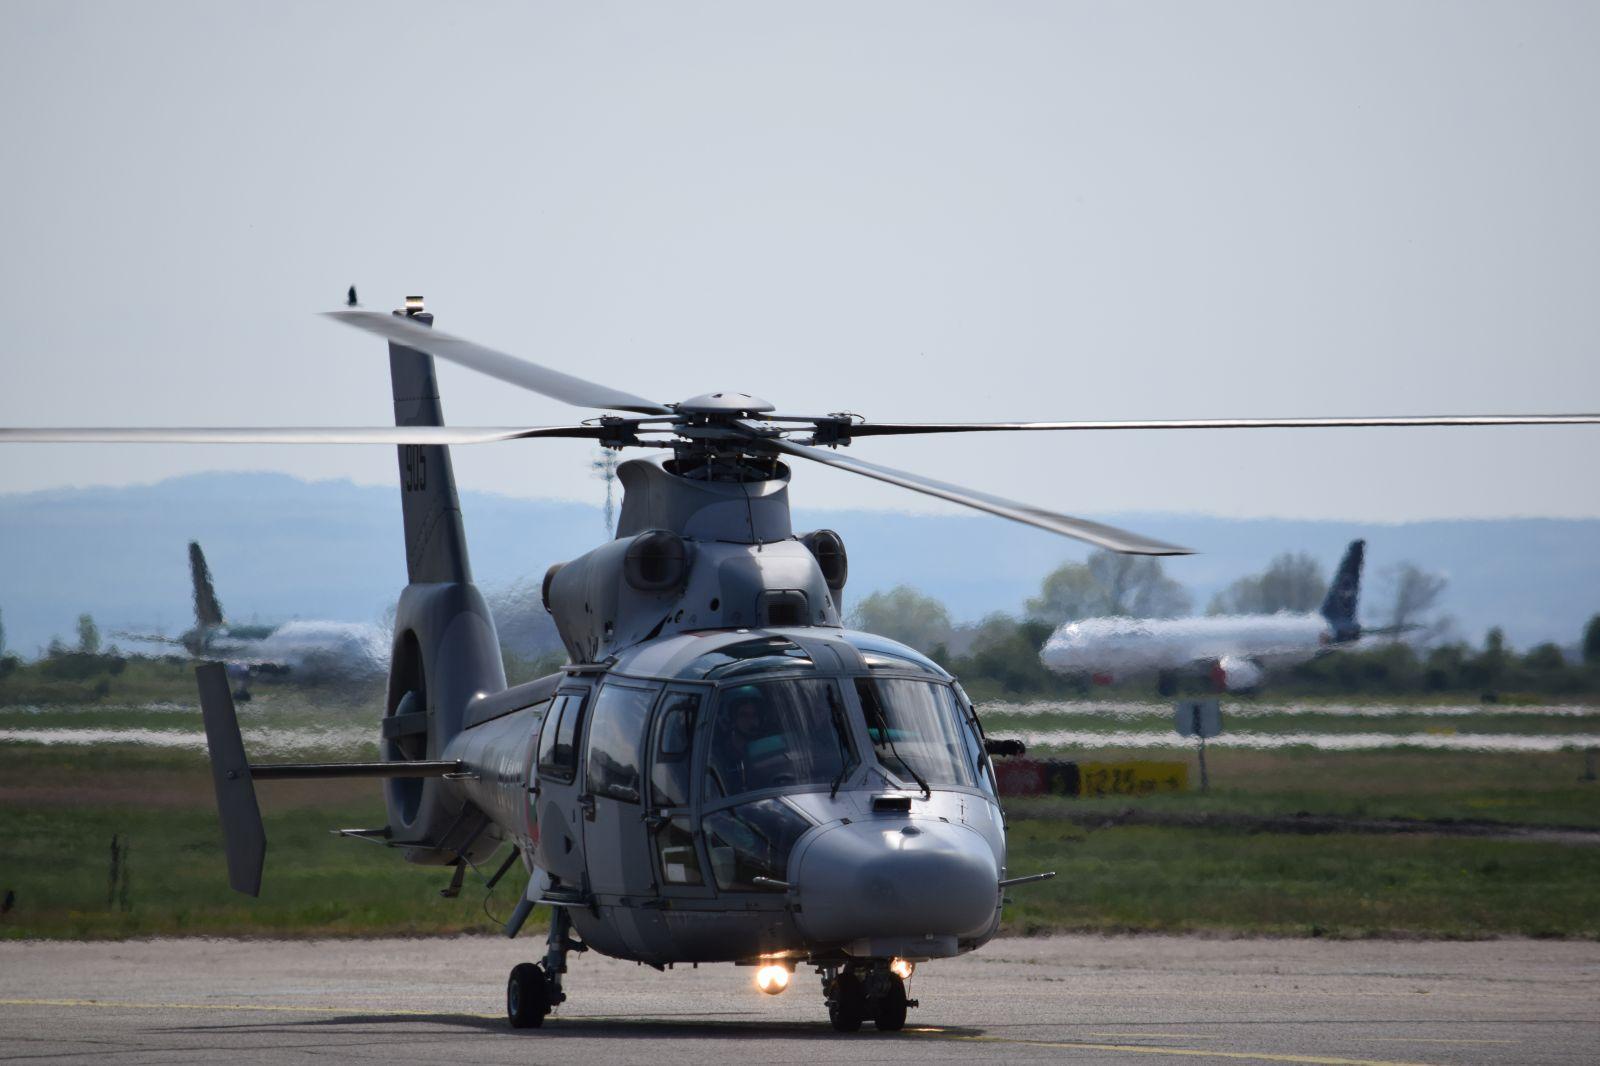 Пребазиране на летище Враждебна за 6 май - Ден на храбростта и празник на българската армия. Част 3 - AS565MB Panther и AS365N3+ Dauphine (ОГРОМНА ЕКСКЛУЗИВНА АВИАЦИОННА ГАЛЕРИЯ)